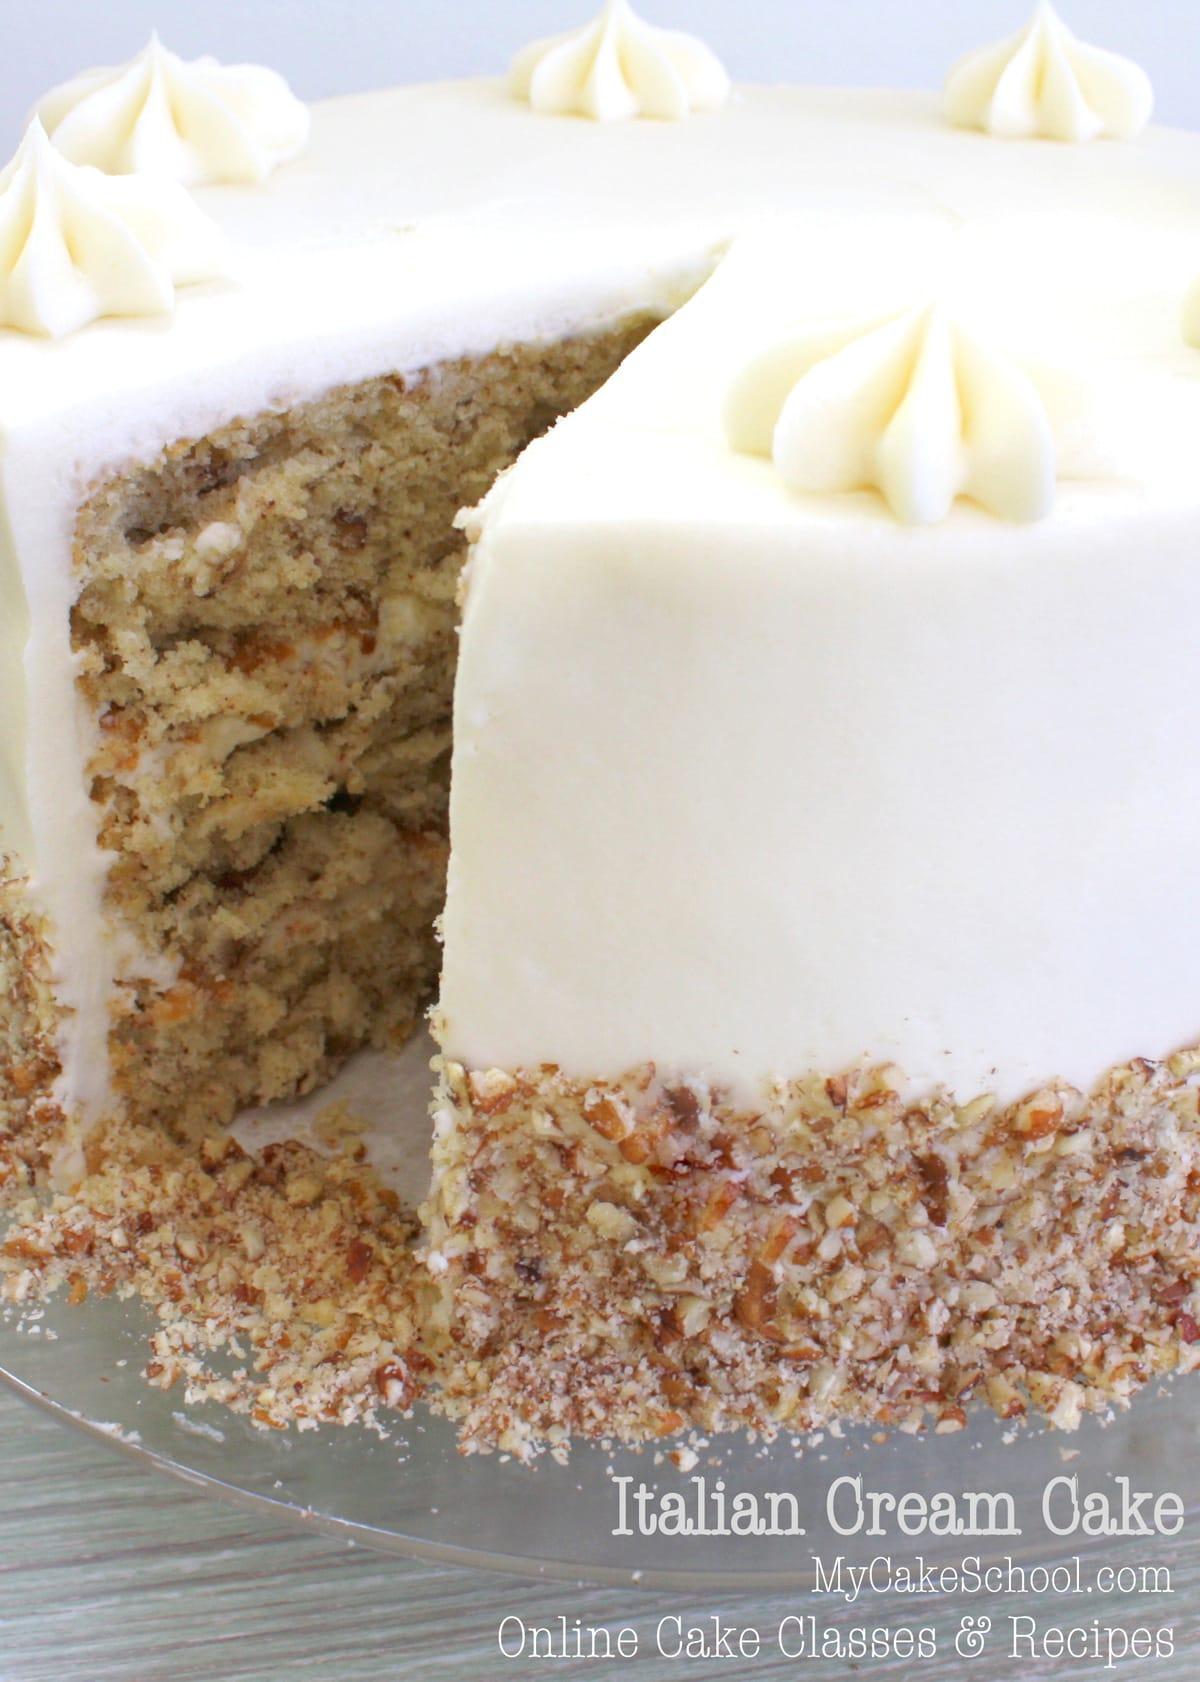 Recipes For Italian Cream Cake Cupcakes